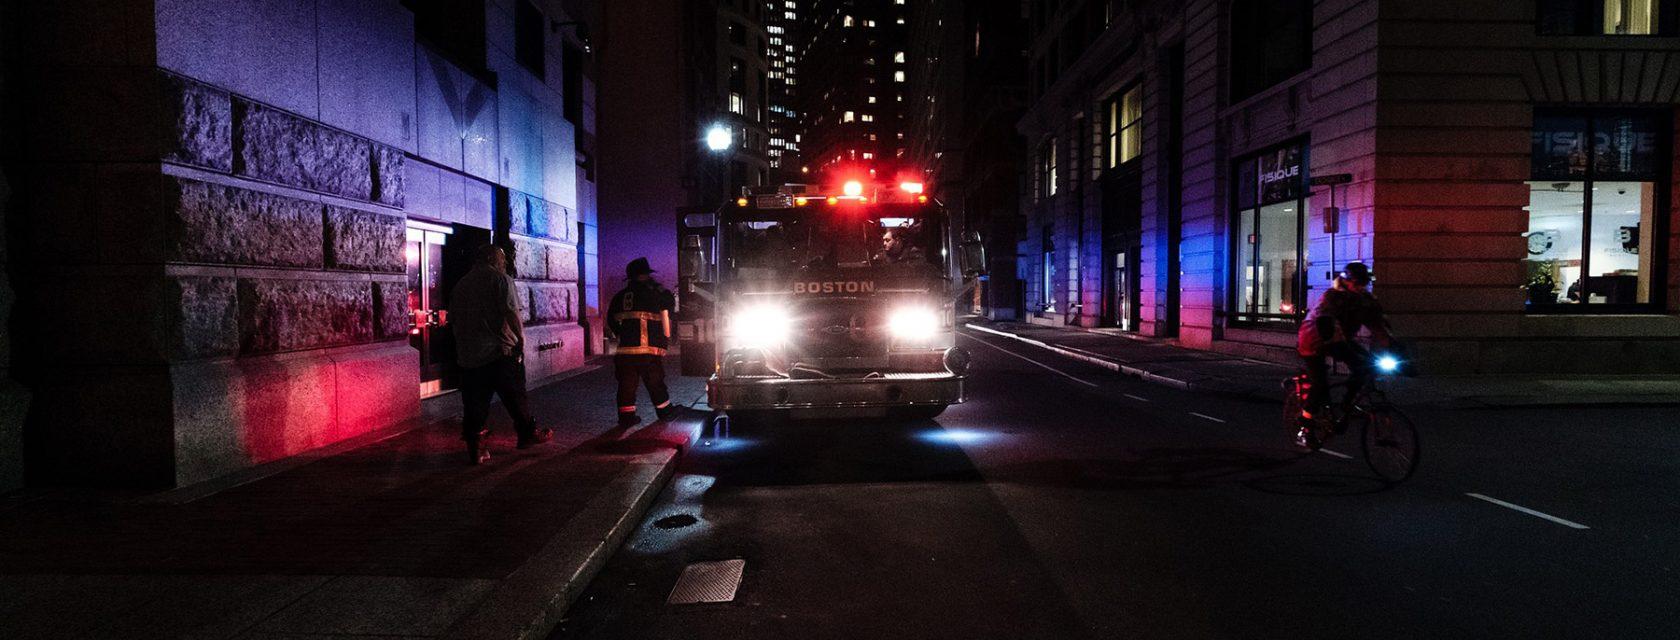 ambulance-street